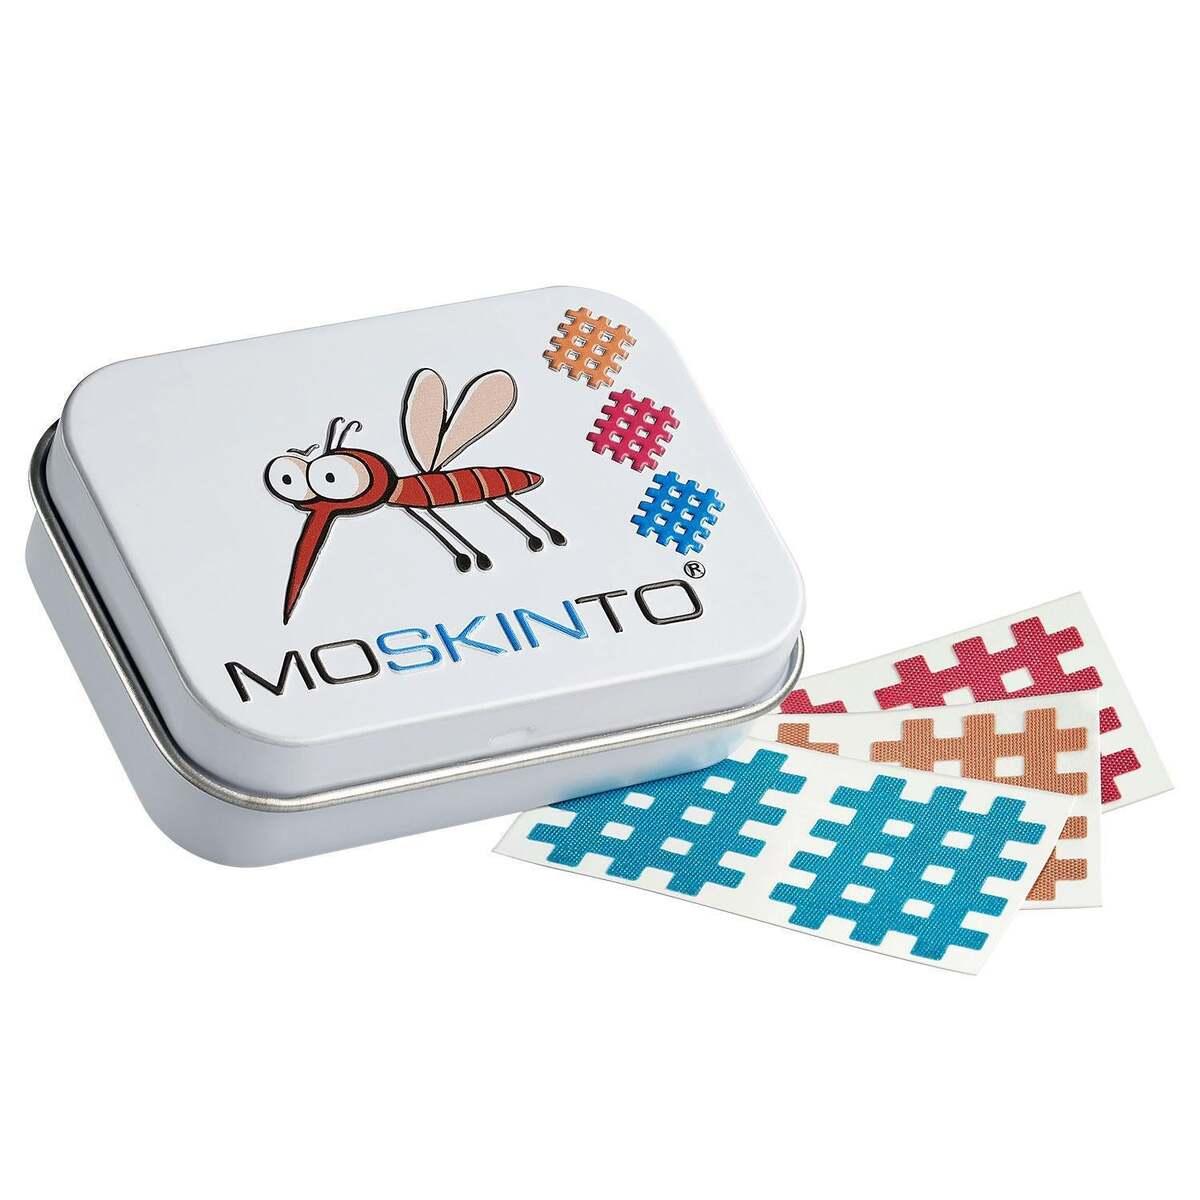 Bild 2 von MOSKINTO Mückenpflaster